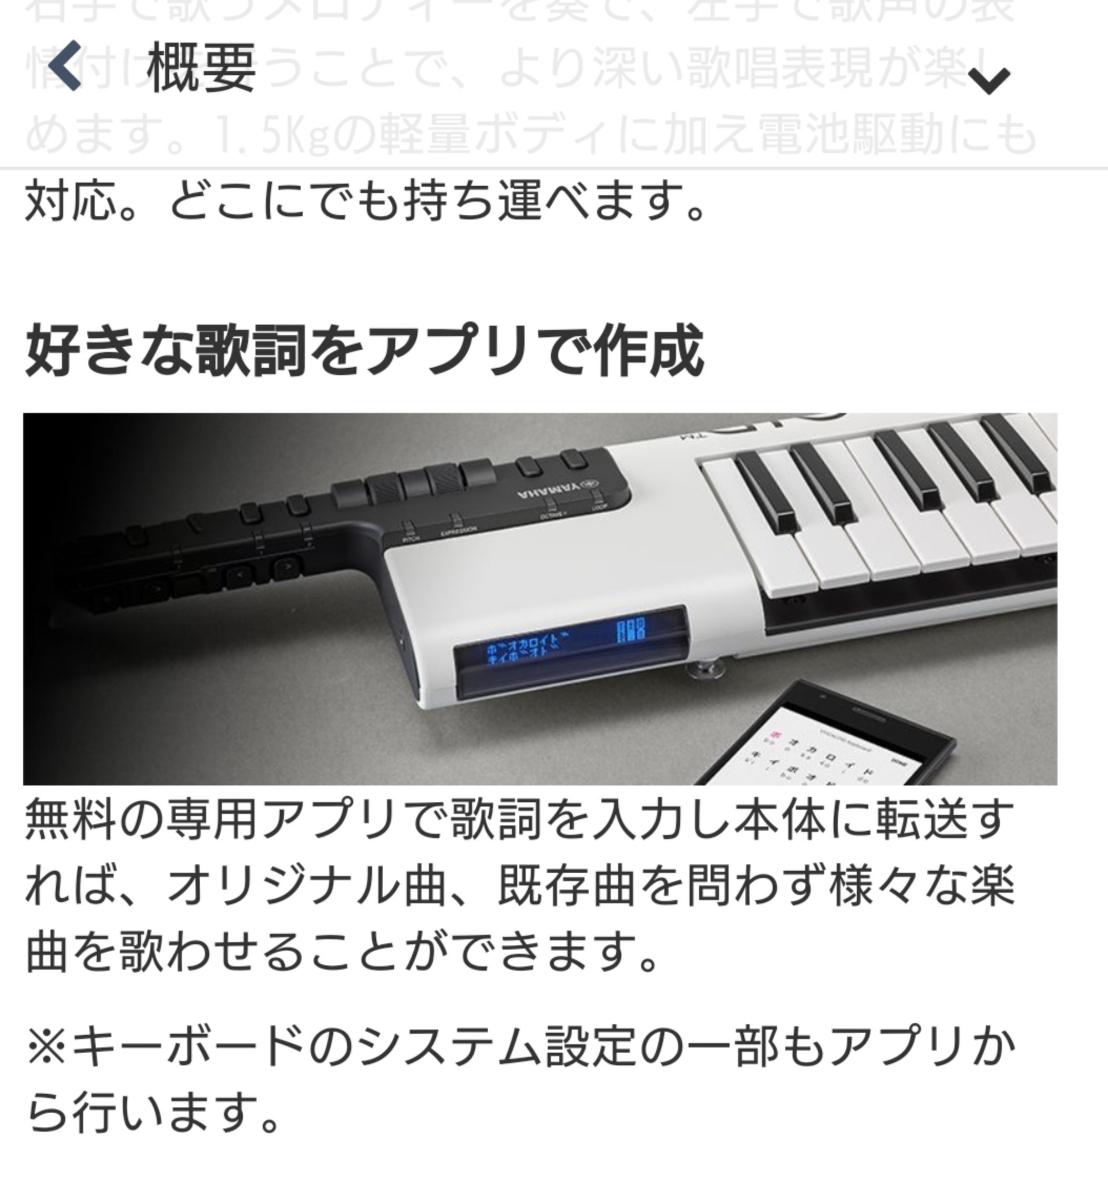 ボーカロイドキーボード vkb100_画像4